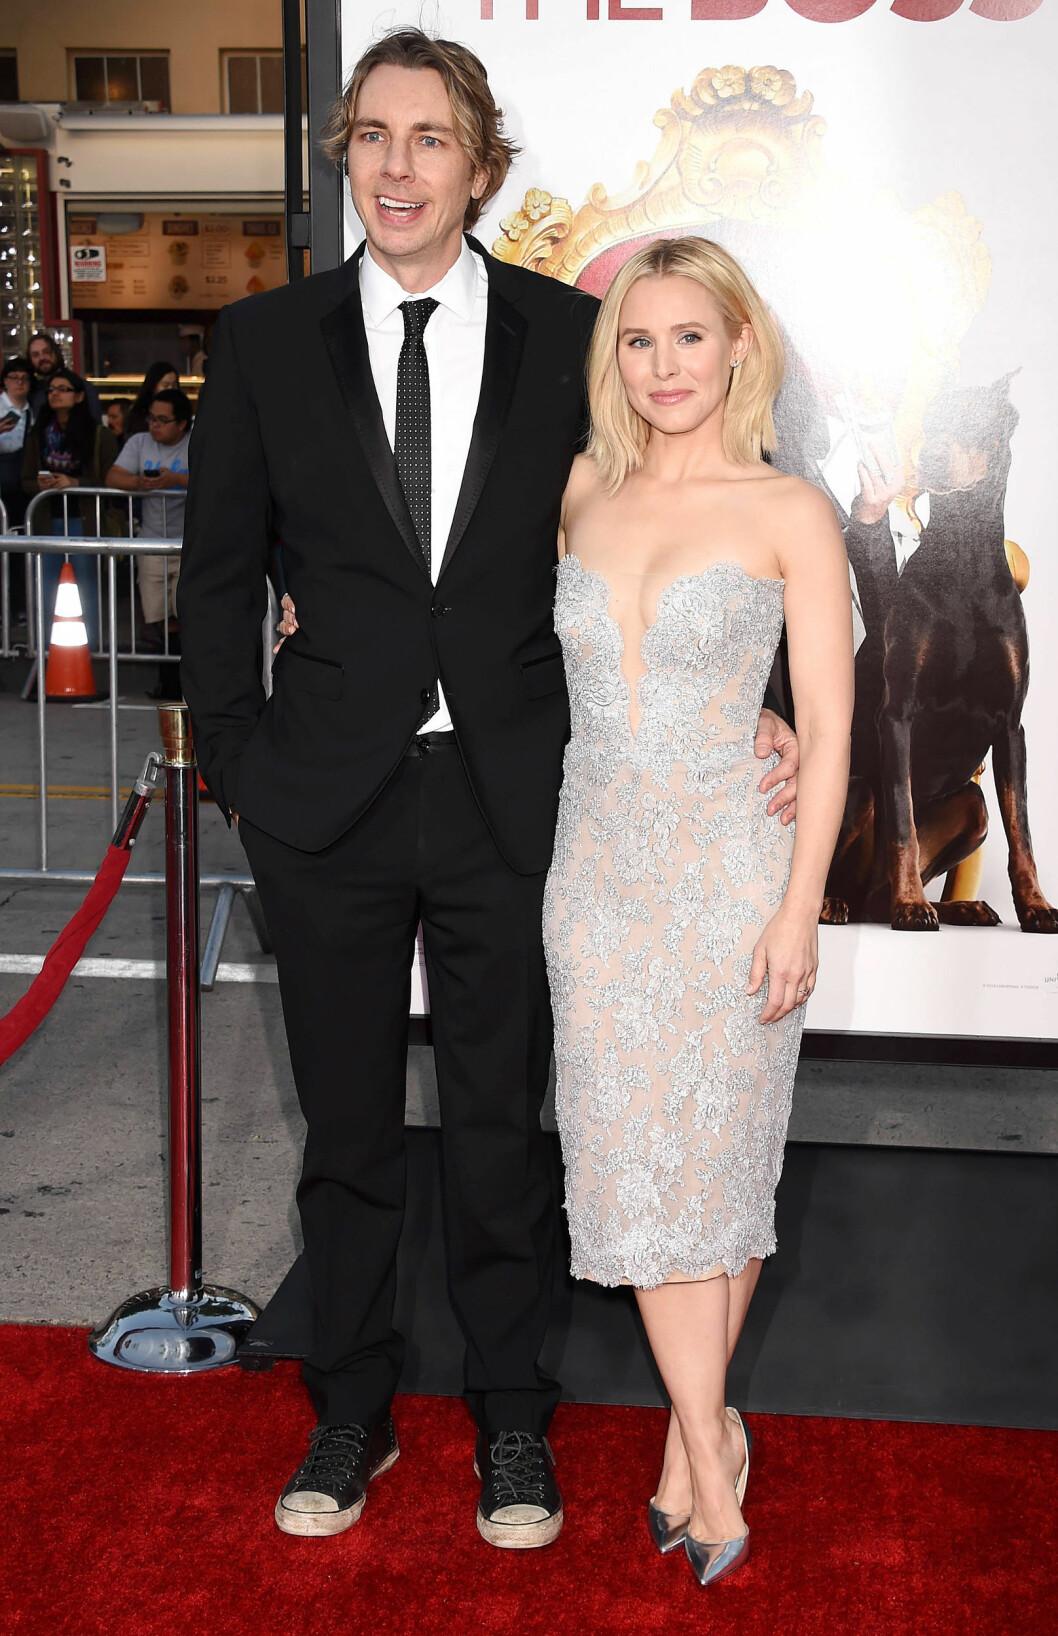 GODT GIFT: Kristen giftet seg med skuespiller og komiker Dax Shepard i 2013. Paret har to barn sammen.  Foto: Broadimage